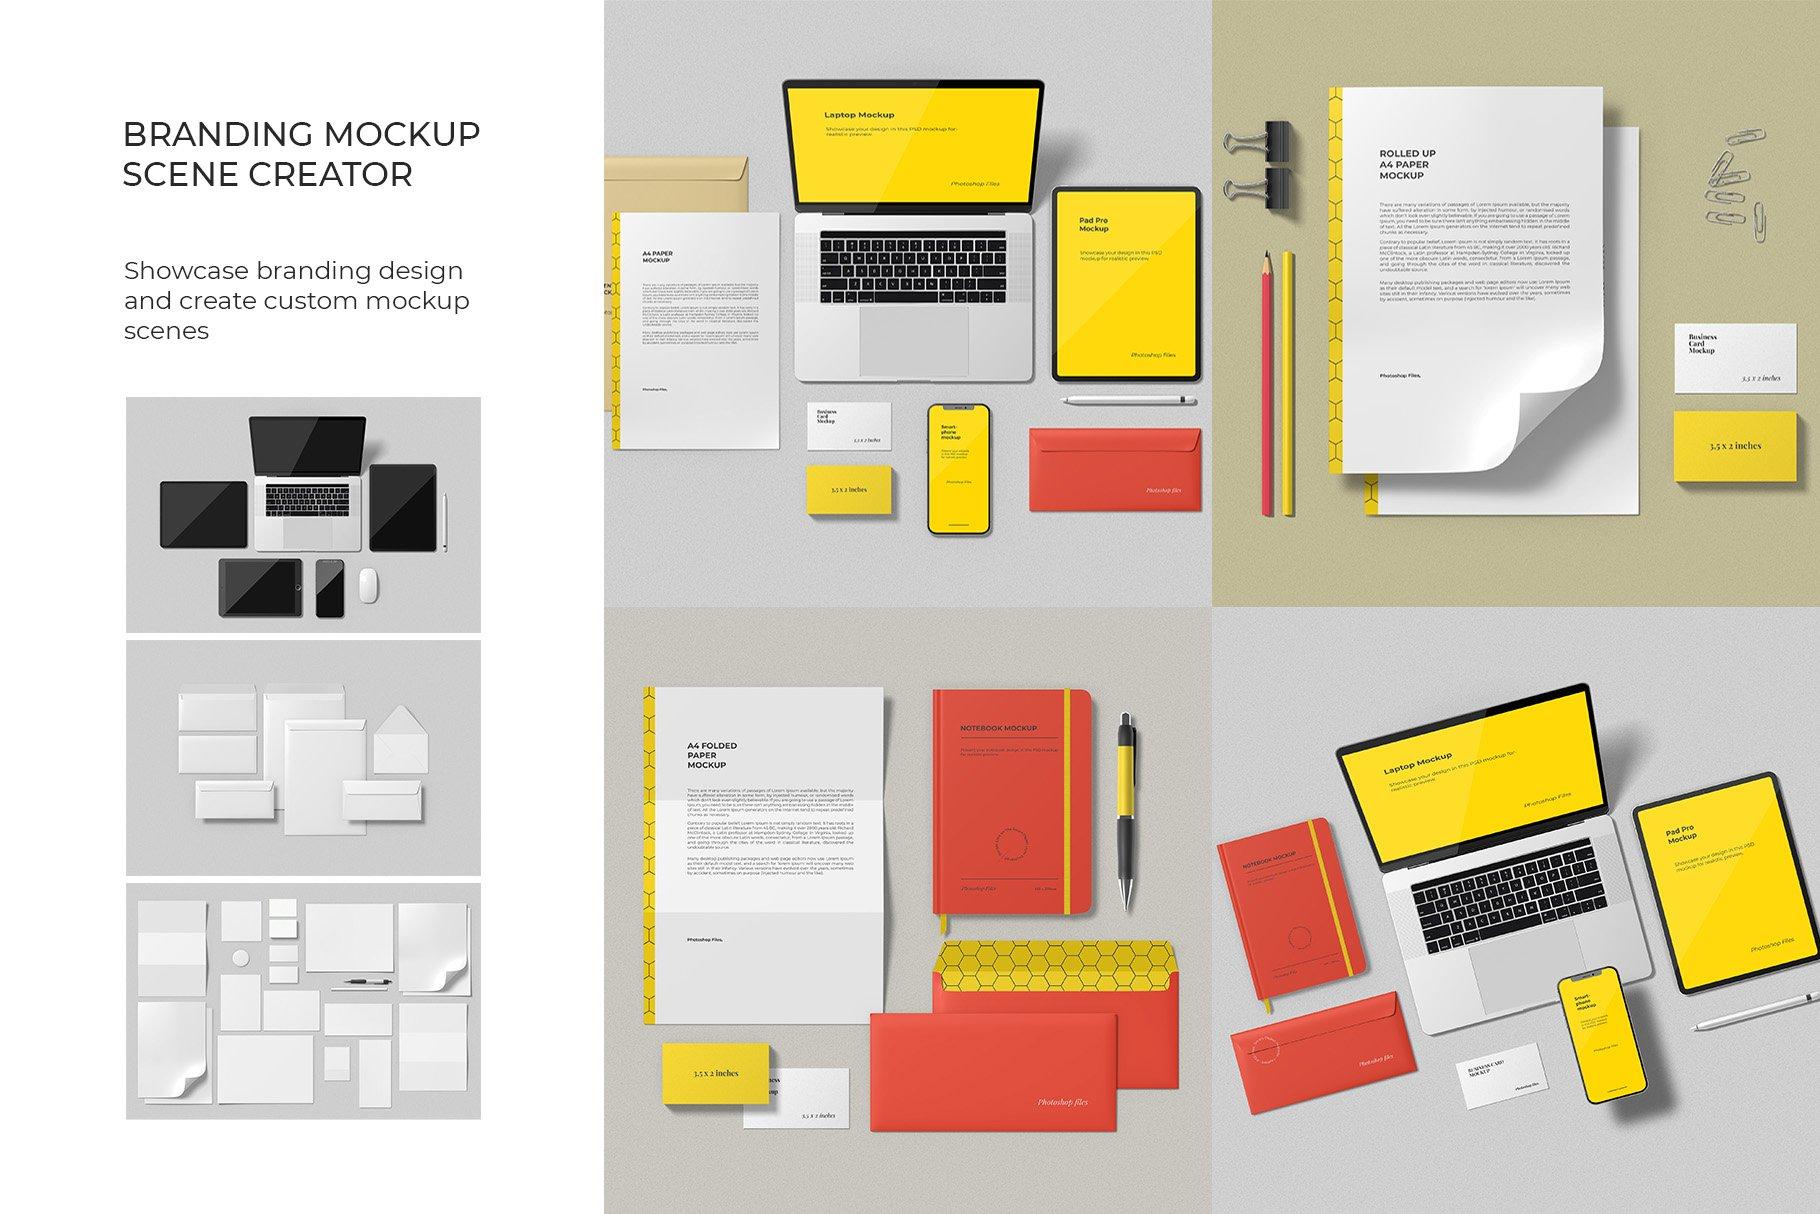 12个时尚简约品牌Logo设计办公用品展示贴图样机模板套装 Branding Mockup Scene Creator插图